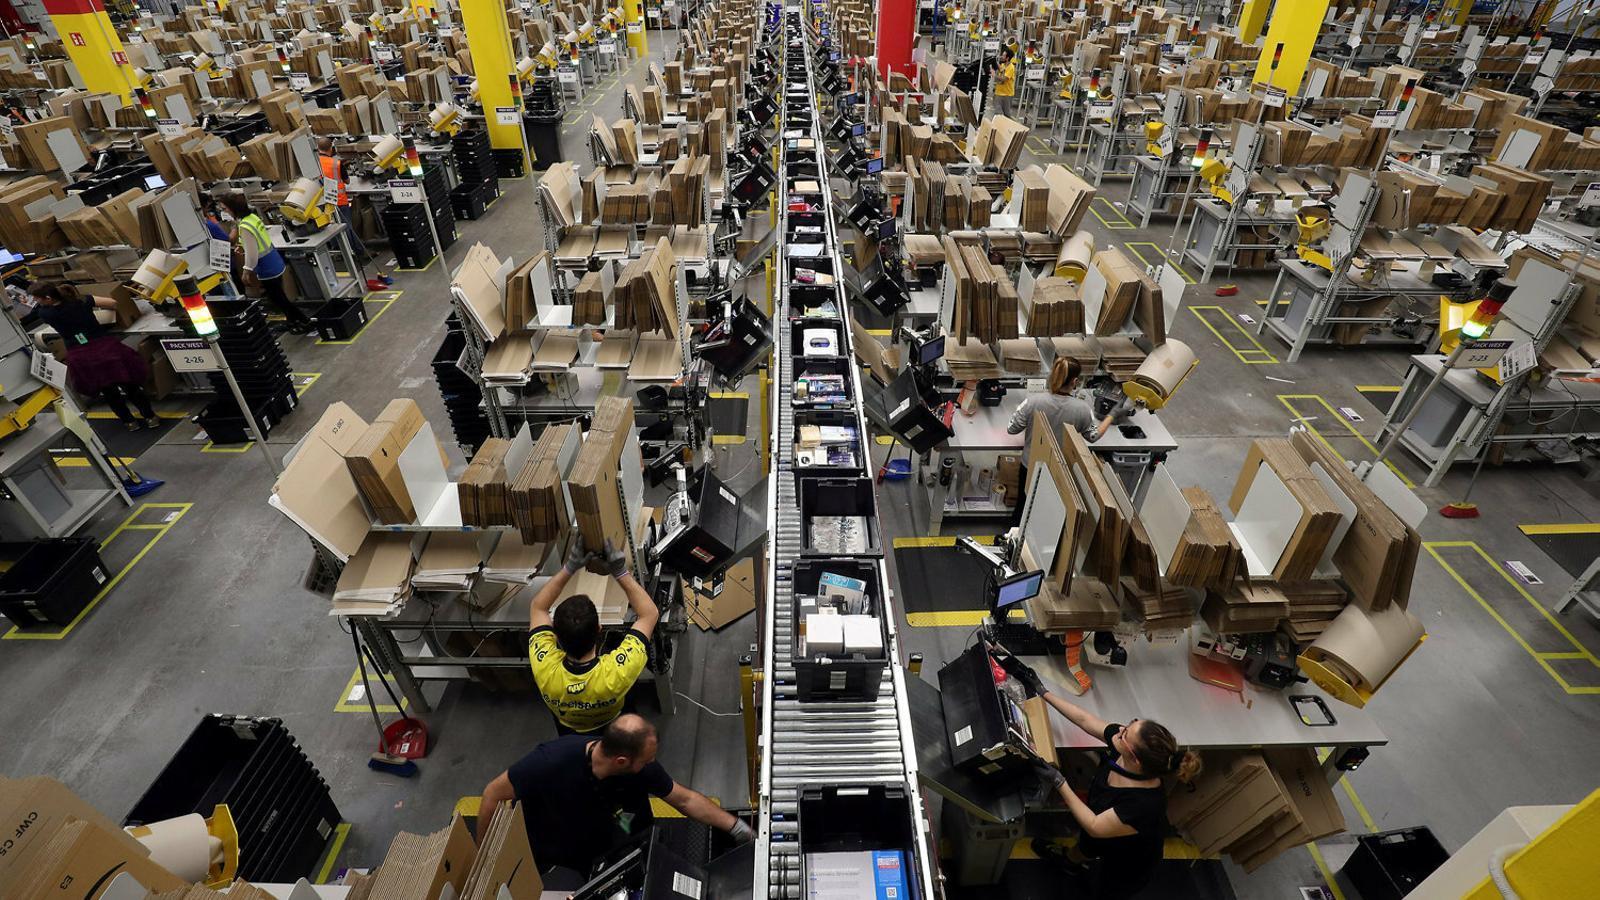 Treballadors al centre logístic que Amazon té al Prat de Llobregat, al Baix Llobregat.